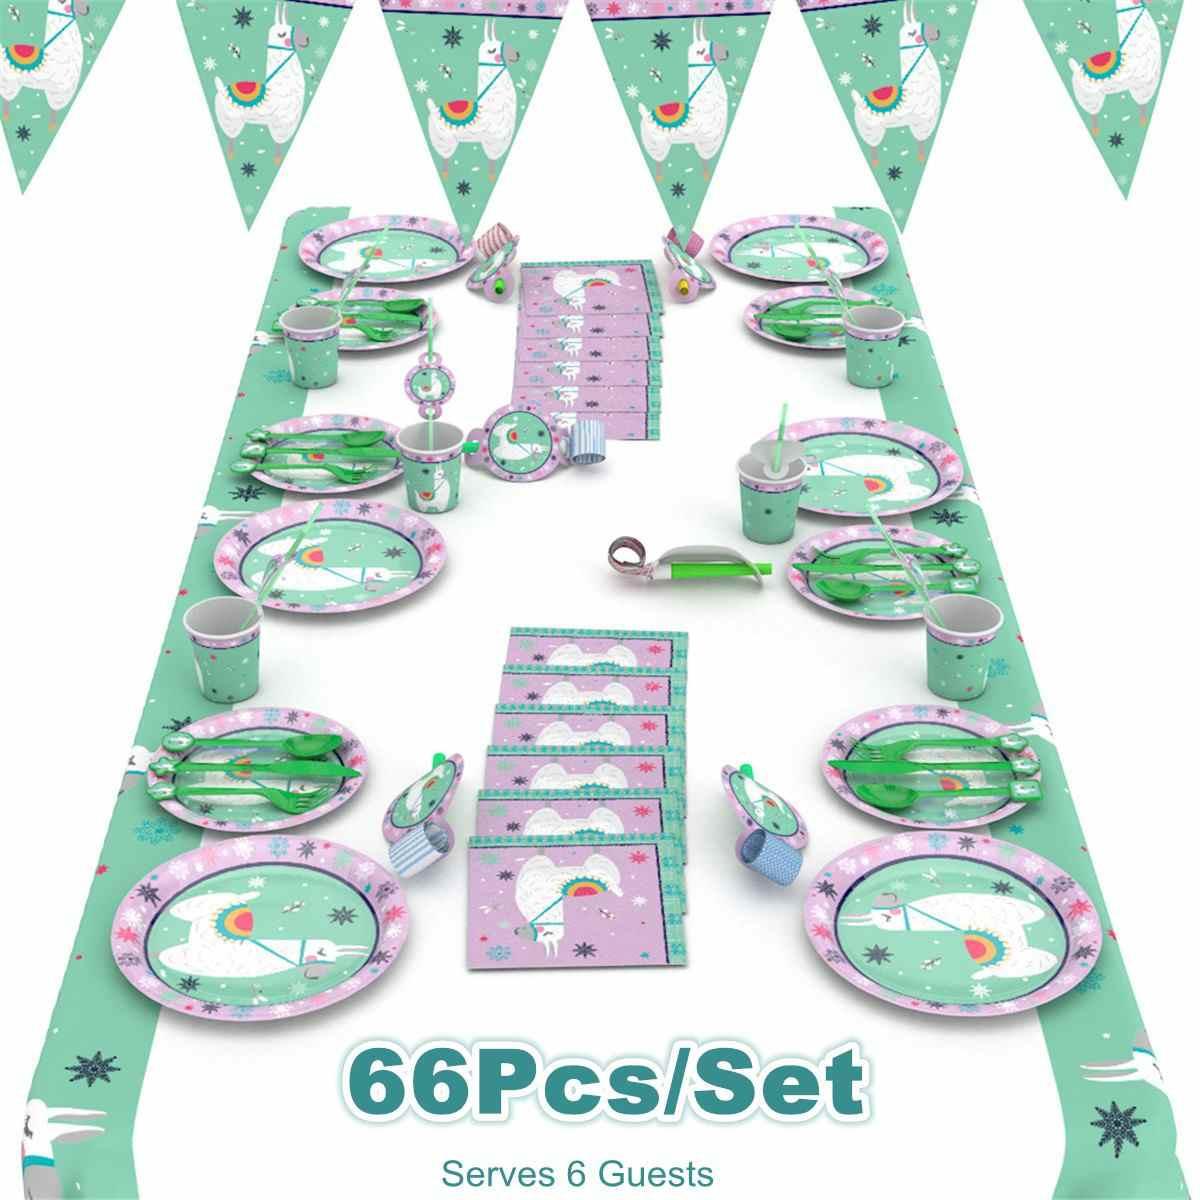 אלפקה יום הולדת מסיבת קישוט הלמה נייר צלחות כוסות מפיות מפת שולחן לילדים שמח מסיבת יום הולדת דקור וגינה 66 Pcs